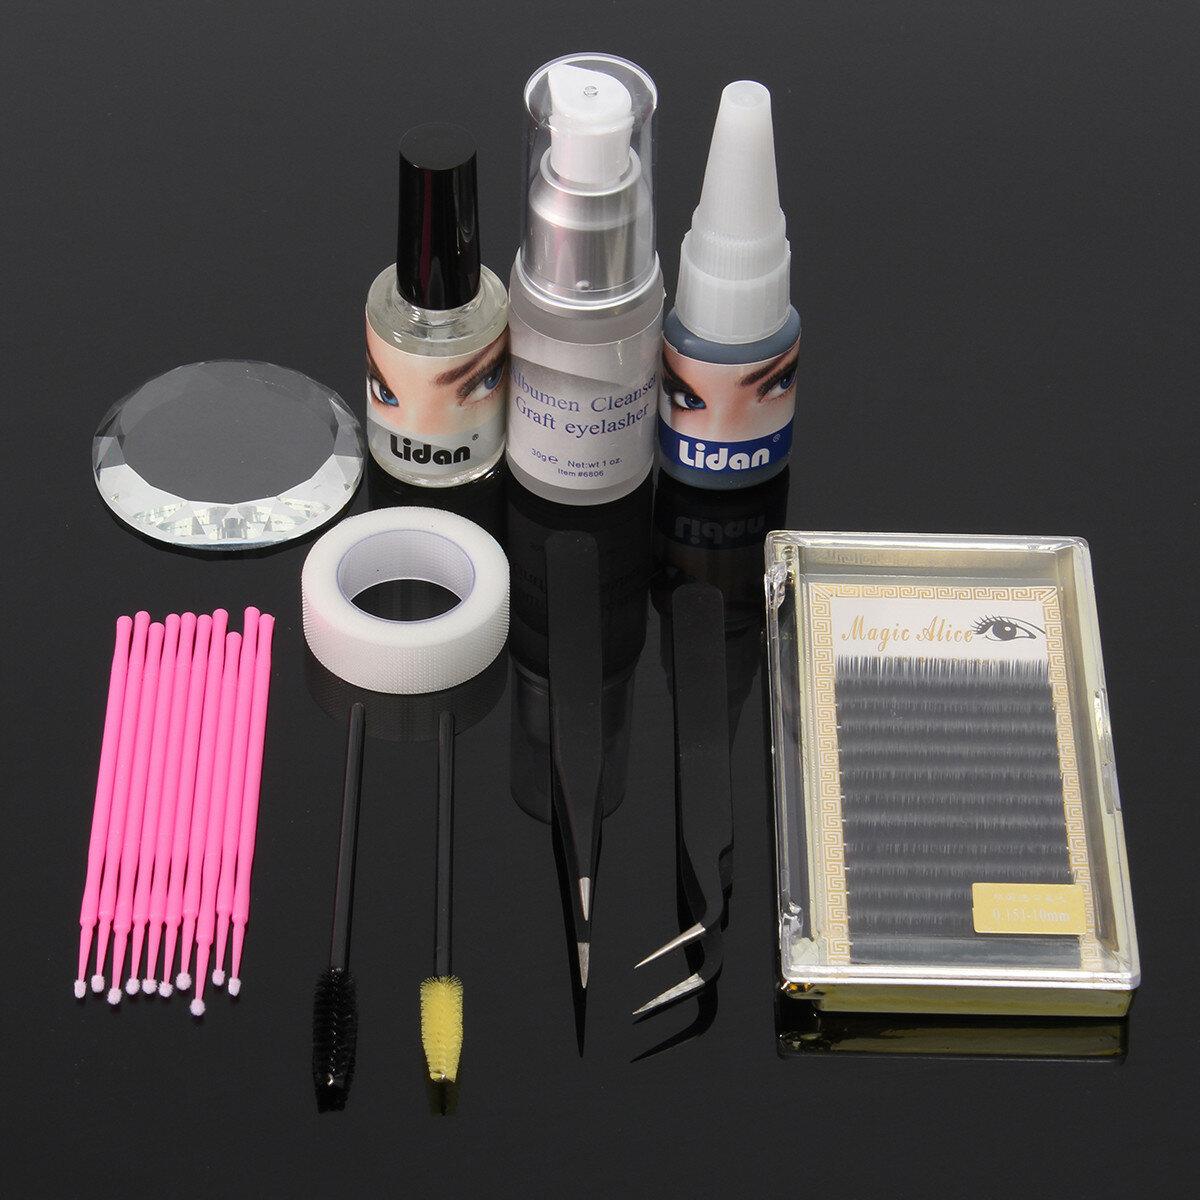 d2e6492a940 11pcs eyelash extension set individual tweezers glue eye lash brush mascara  applicator makeup case at Banggood